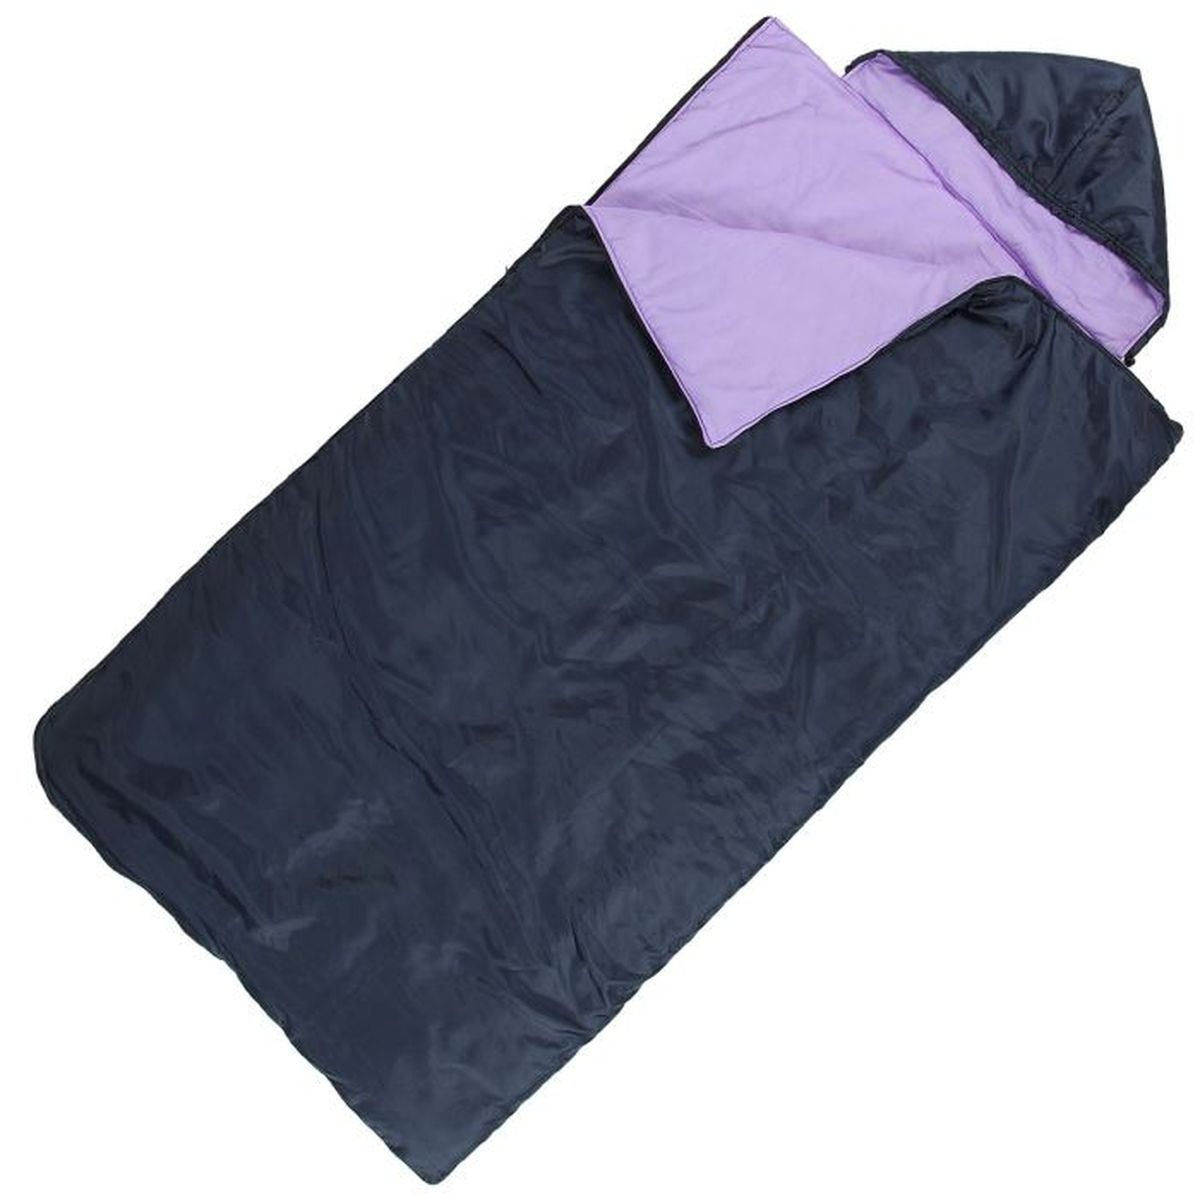 Спальный мешок Onlitop Престиж, увеличенный, цвет: черный, фиолетовый, правосторонняя молния спальный мешок onlitop престиж цвет черный бежевый правосторонняя молния 1344029